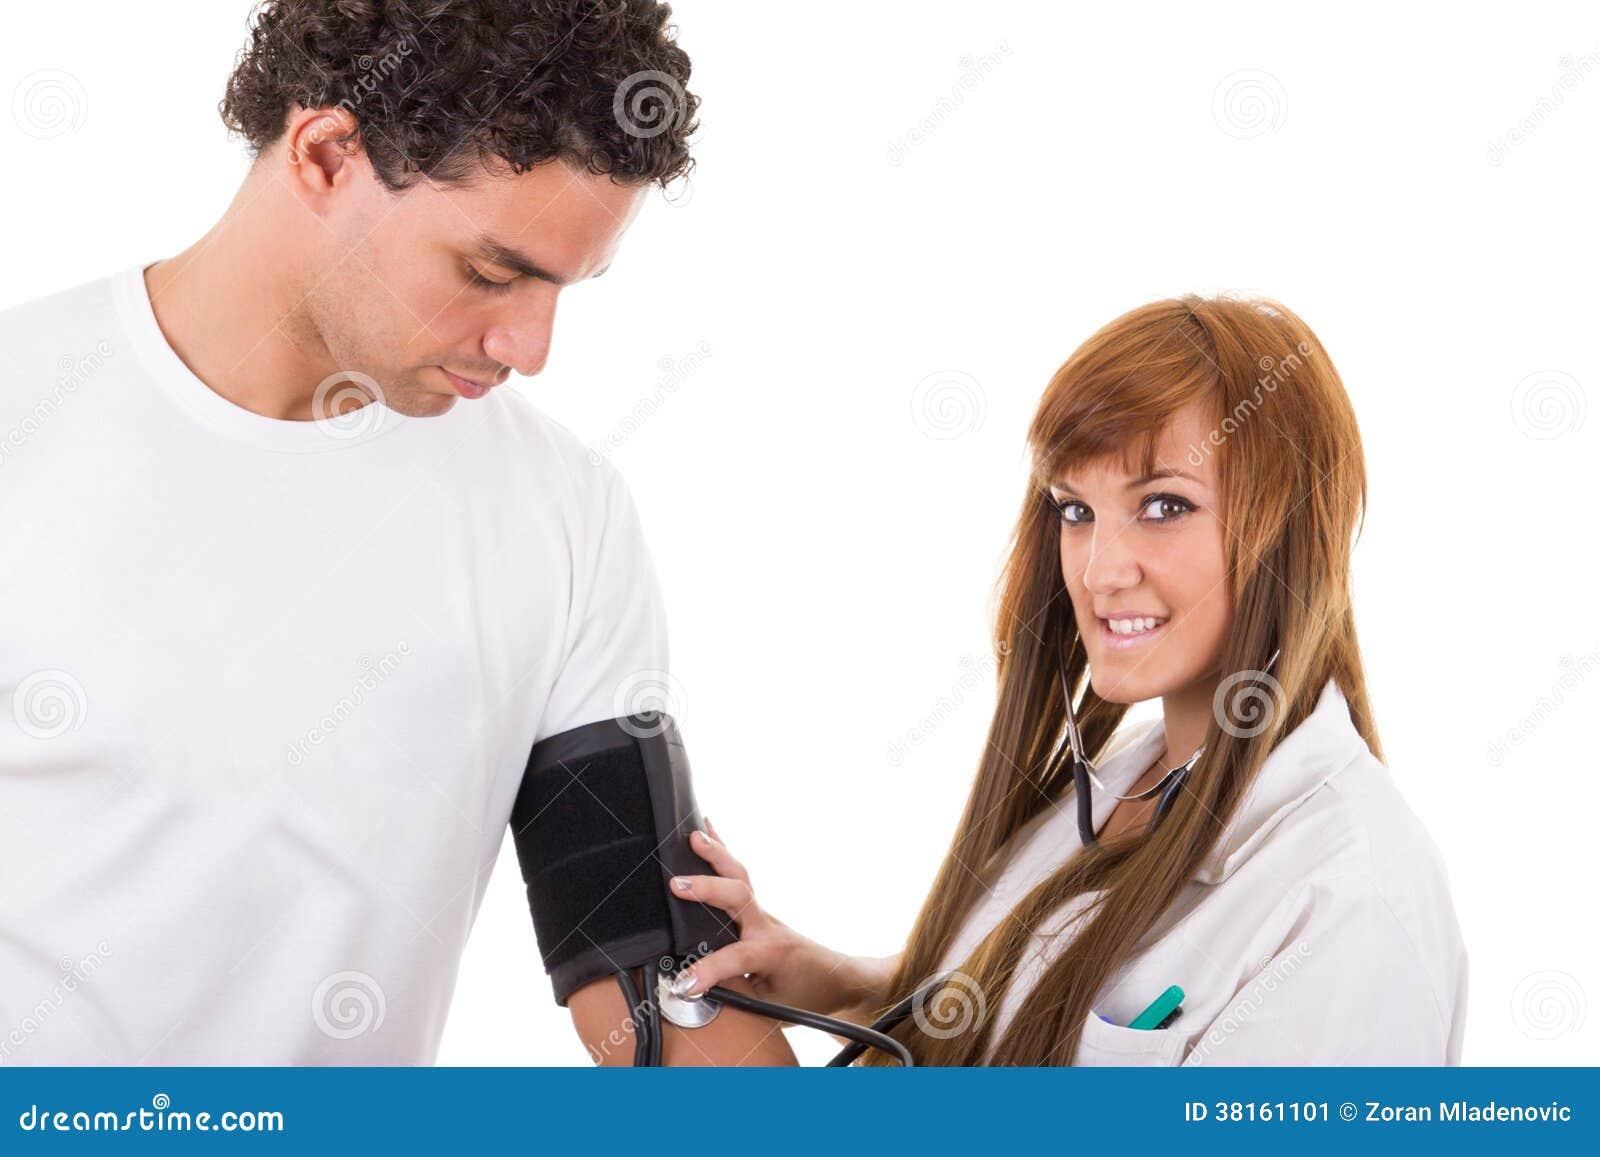 De verpleegster meet de bloeddruk van een patiënt